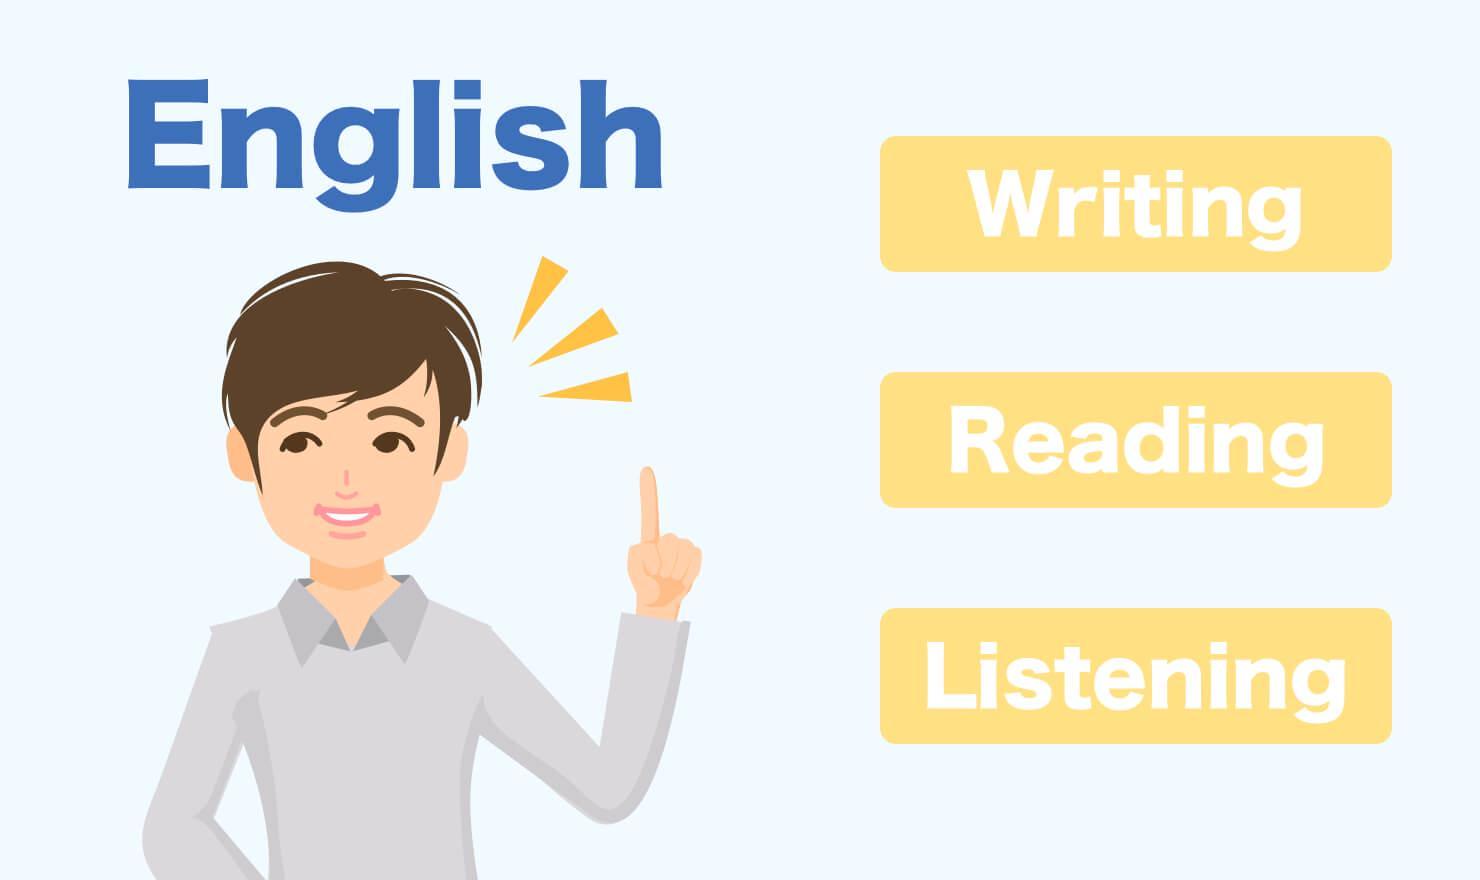 英語を活かせる仕事で適職を見つける近道をご紹介